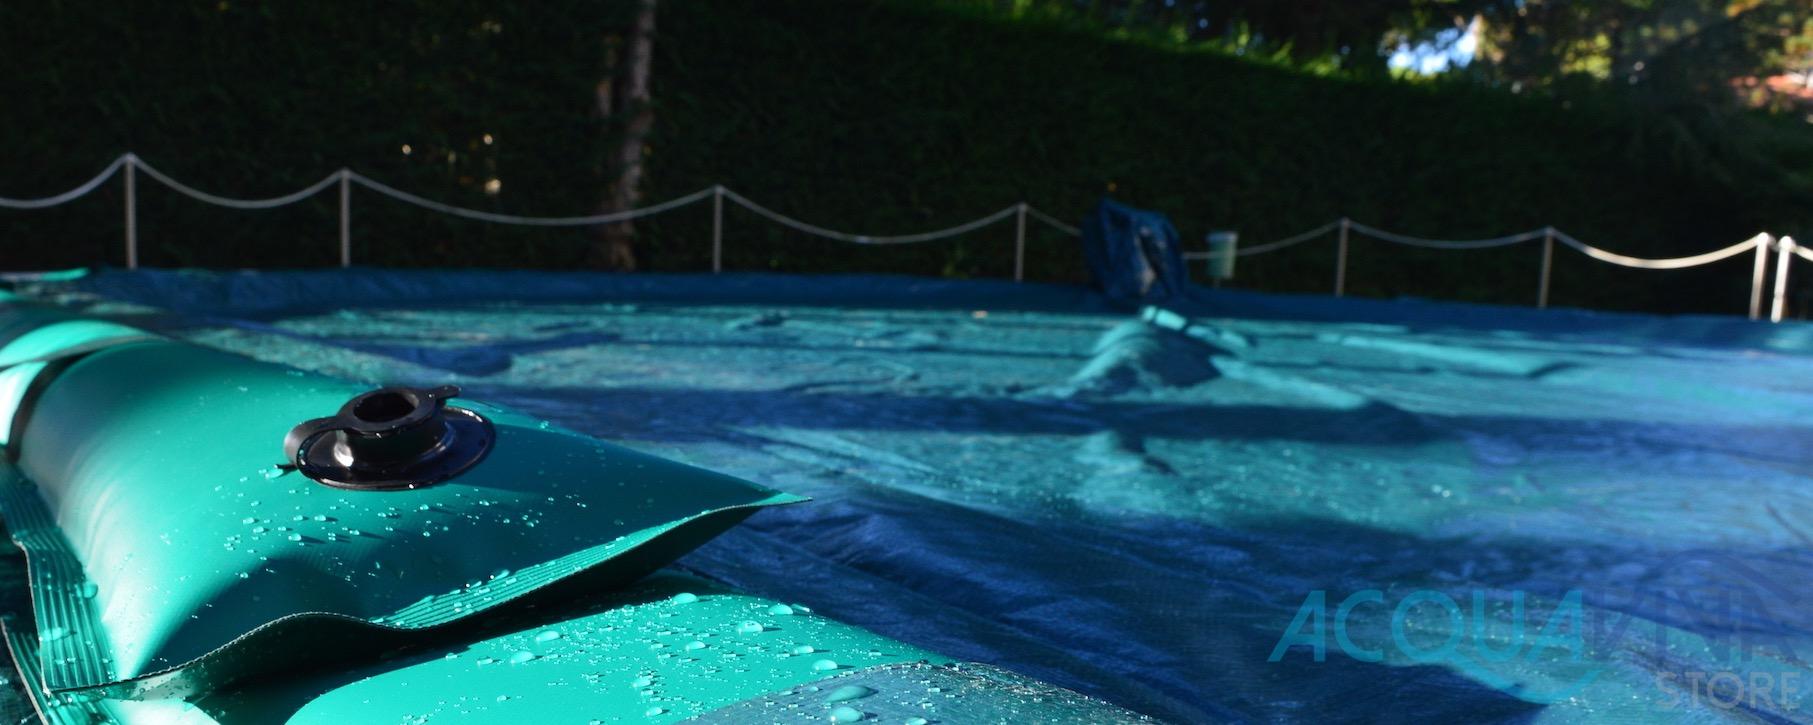 Rimuovere copertura invernale della piscina